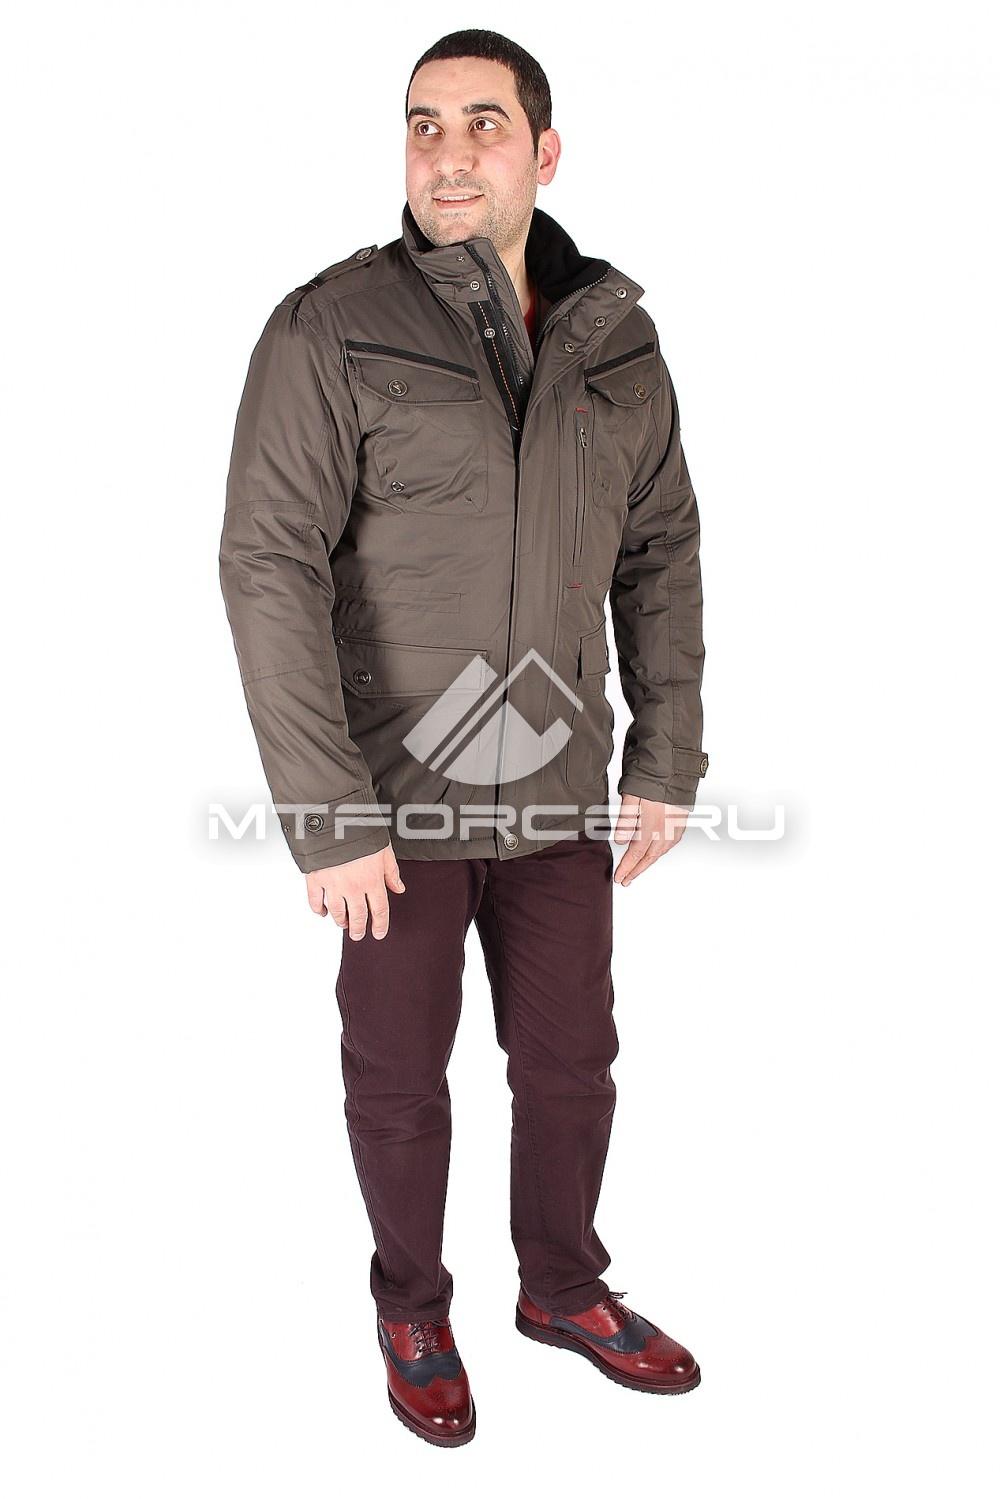 Купить                                  оптом Куртка классическая мужская цвета хаки 1601Kh